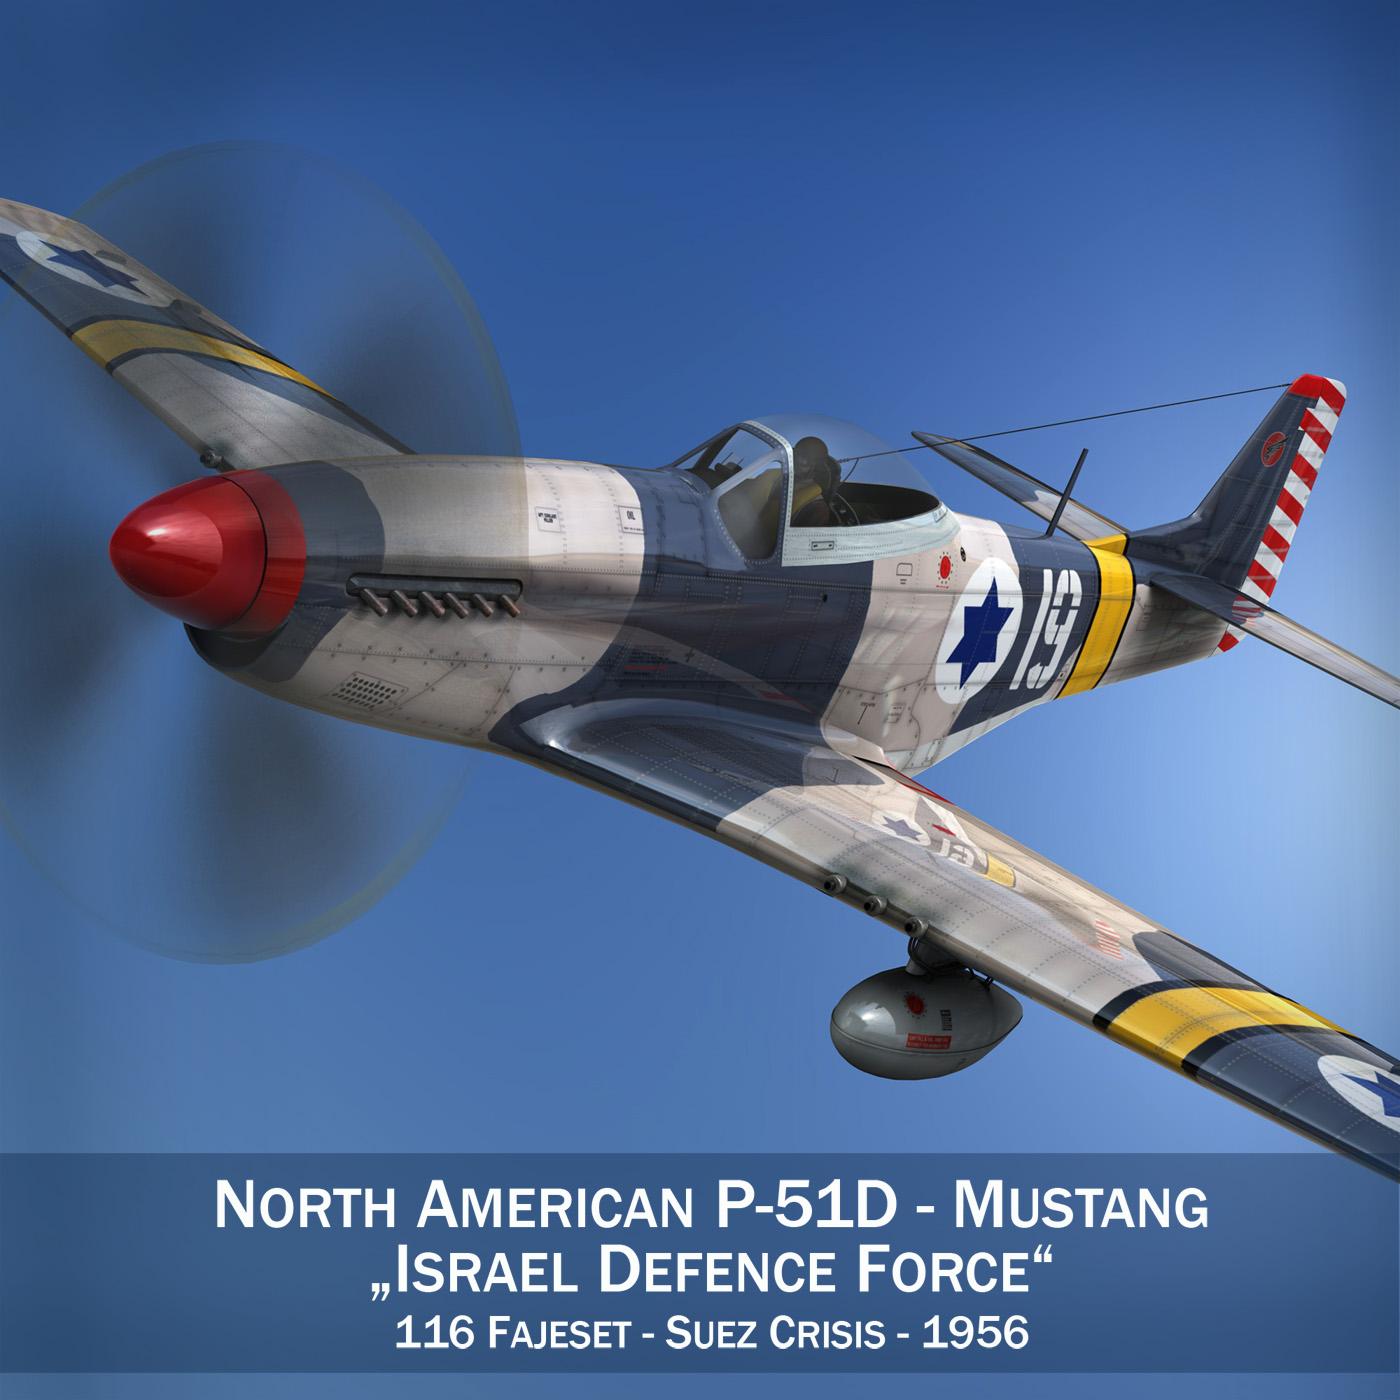 North American P-51D Mustang - IDF 3d model fbx c4d lwo lws lw obj 273305